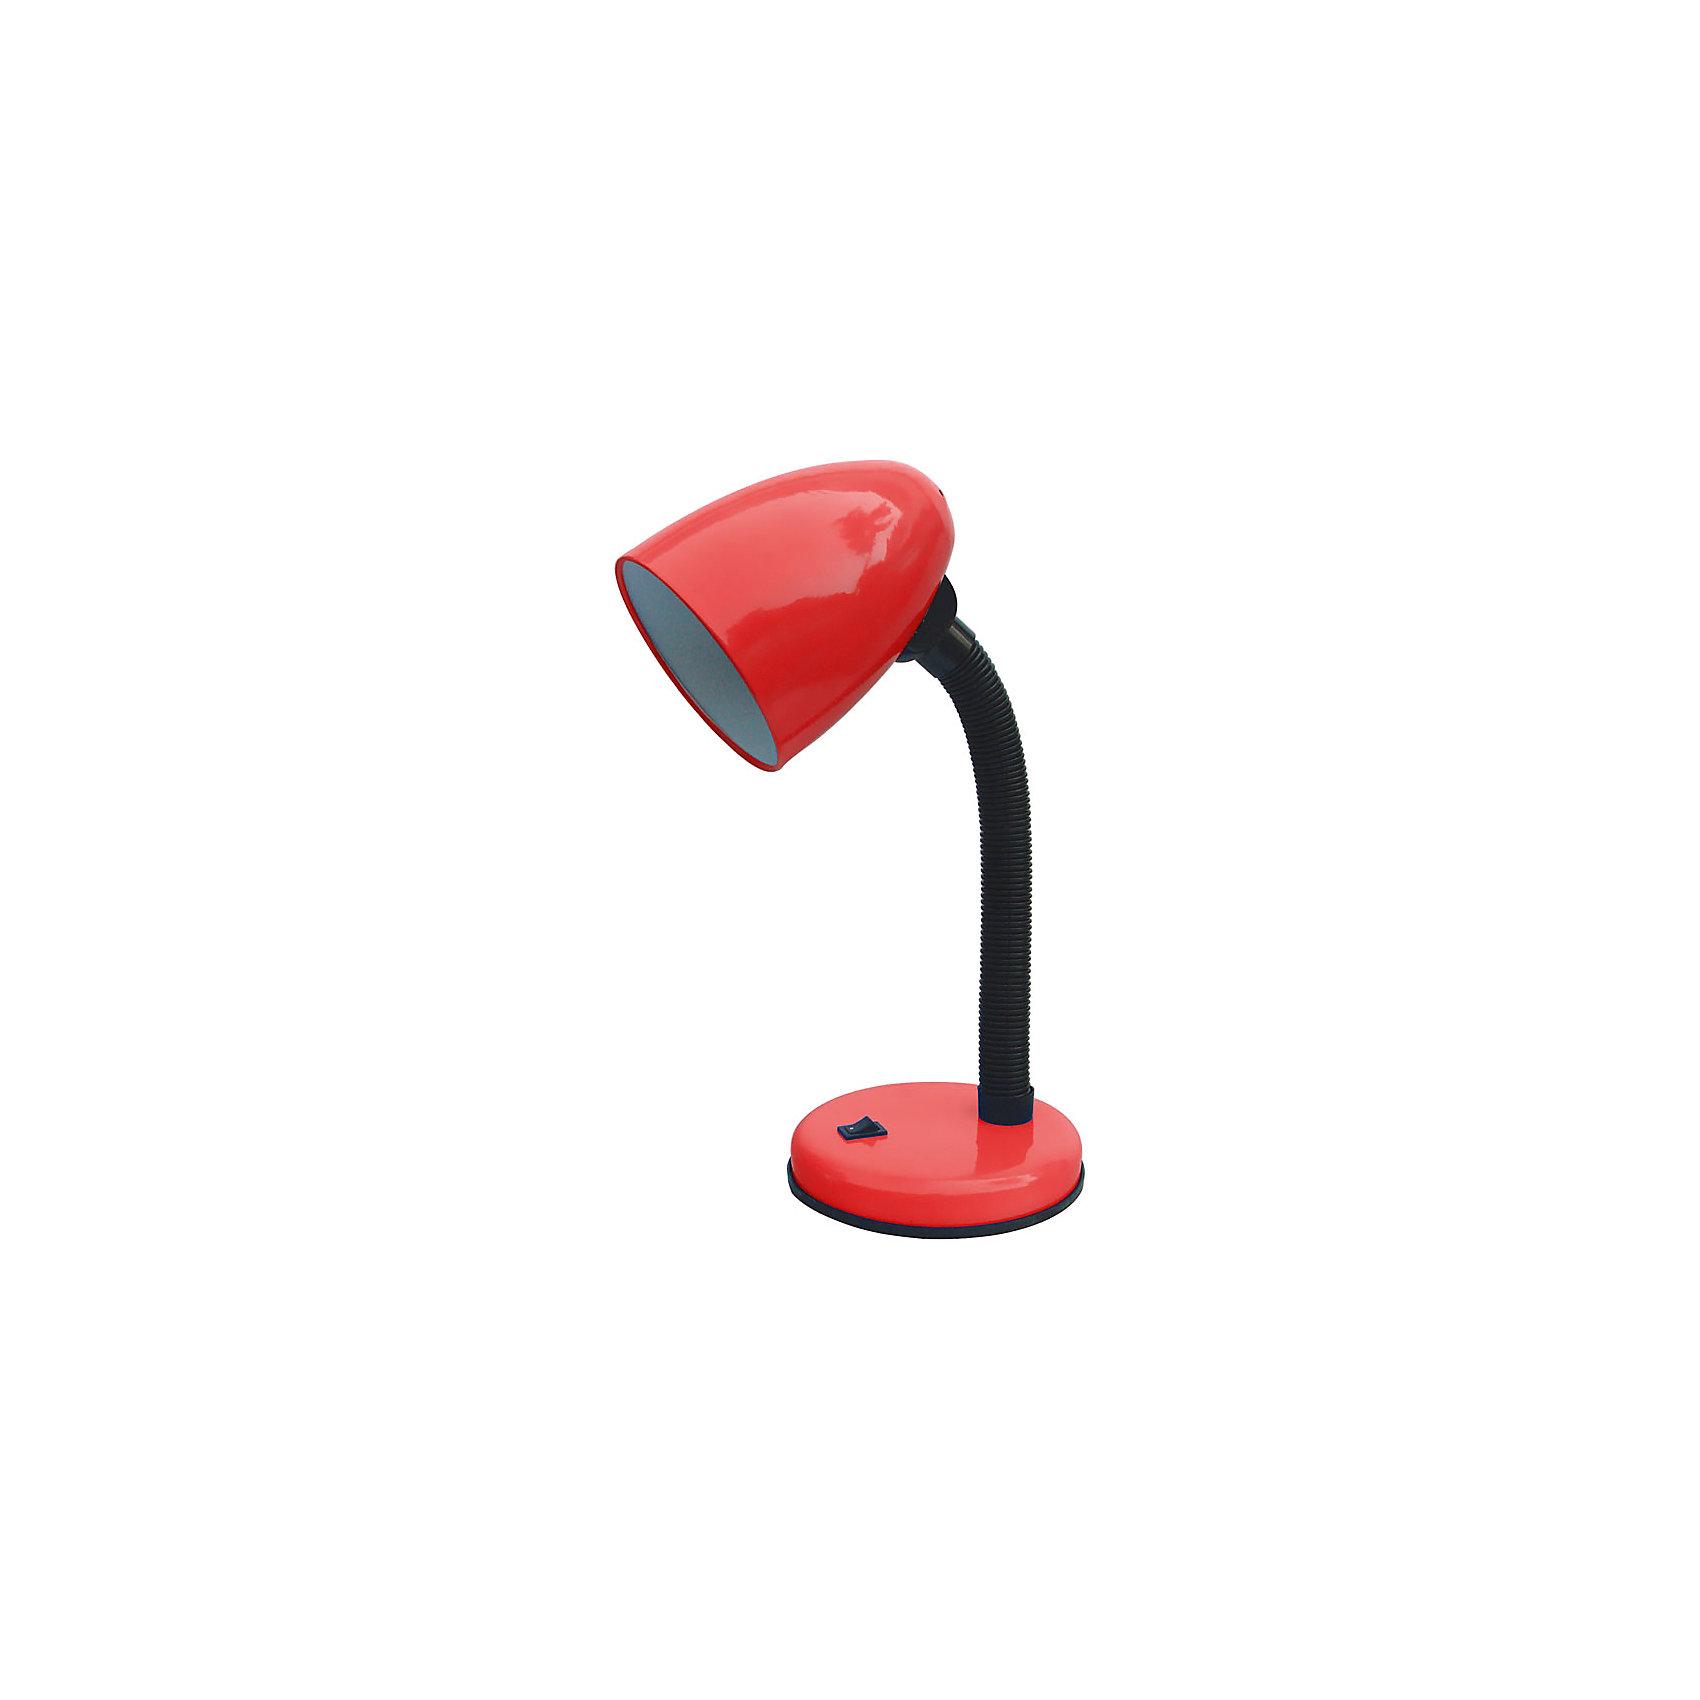 Лампа электрическая настольная EN-DL12-2, Energy, красныйЛампы, ночники, фонарики<br>Электрическая лампа на подставке с кнопкой включения и выключения. Высота лампы регулируется, изменяется угол наклона абажура. Лампа предназначена для лампочек со стандартным цоколем Е27. <br><br>Дополнительная информация:<br><br>Размеры лампы: 20,4х16х14,3 см<br> <br>Мощность: 40 Вт<br>Длина шнура: 1,2 м<br>Высота лампы: 366 мм<br>Диаметр абажура: 105 мм<br><br>Обратите внимание: лампочки в комплект поставки не входят!<br><br>Лампу электрическую настольную EN-DL12-2, Energy, красную можно купить в нашем интернет-магазине.<br><br>Ширина мм: 160<br>Глубина мм: 140<br>Высота мм: 200<br>Вес г: 793<br>Возраст от месяцев: 36<br>Возраст до месяцев: 1080<br>Пол: Унисекс<br>Возраст: Детский<br>SKU: 4989900